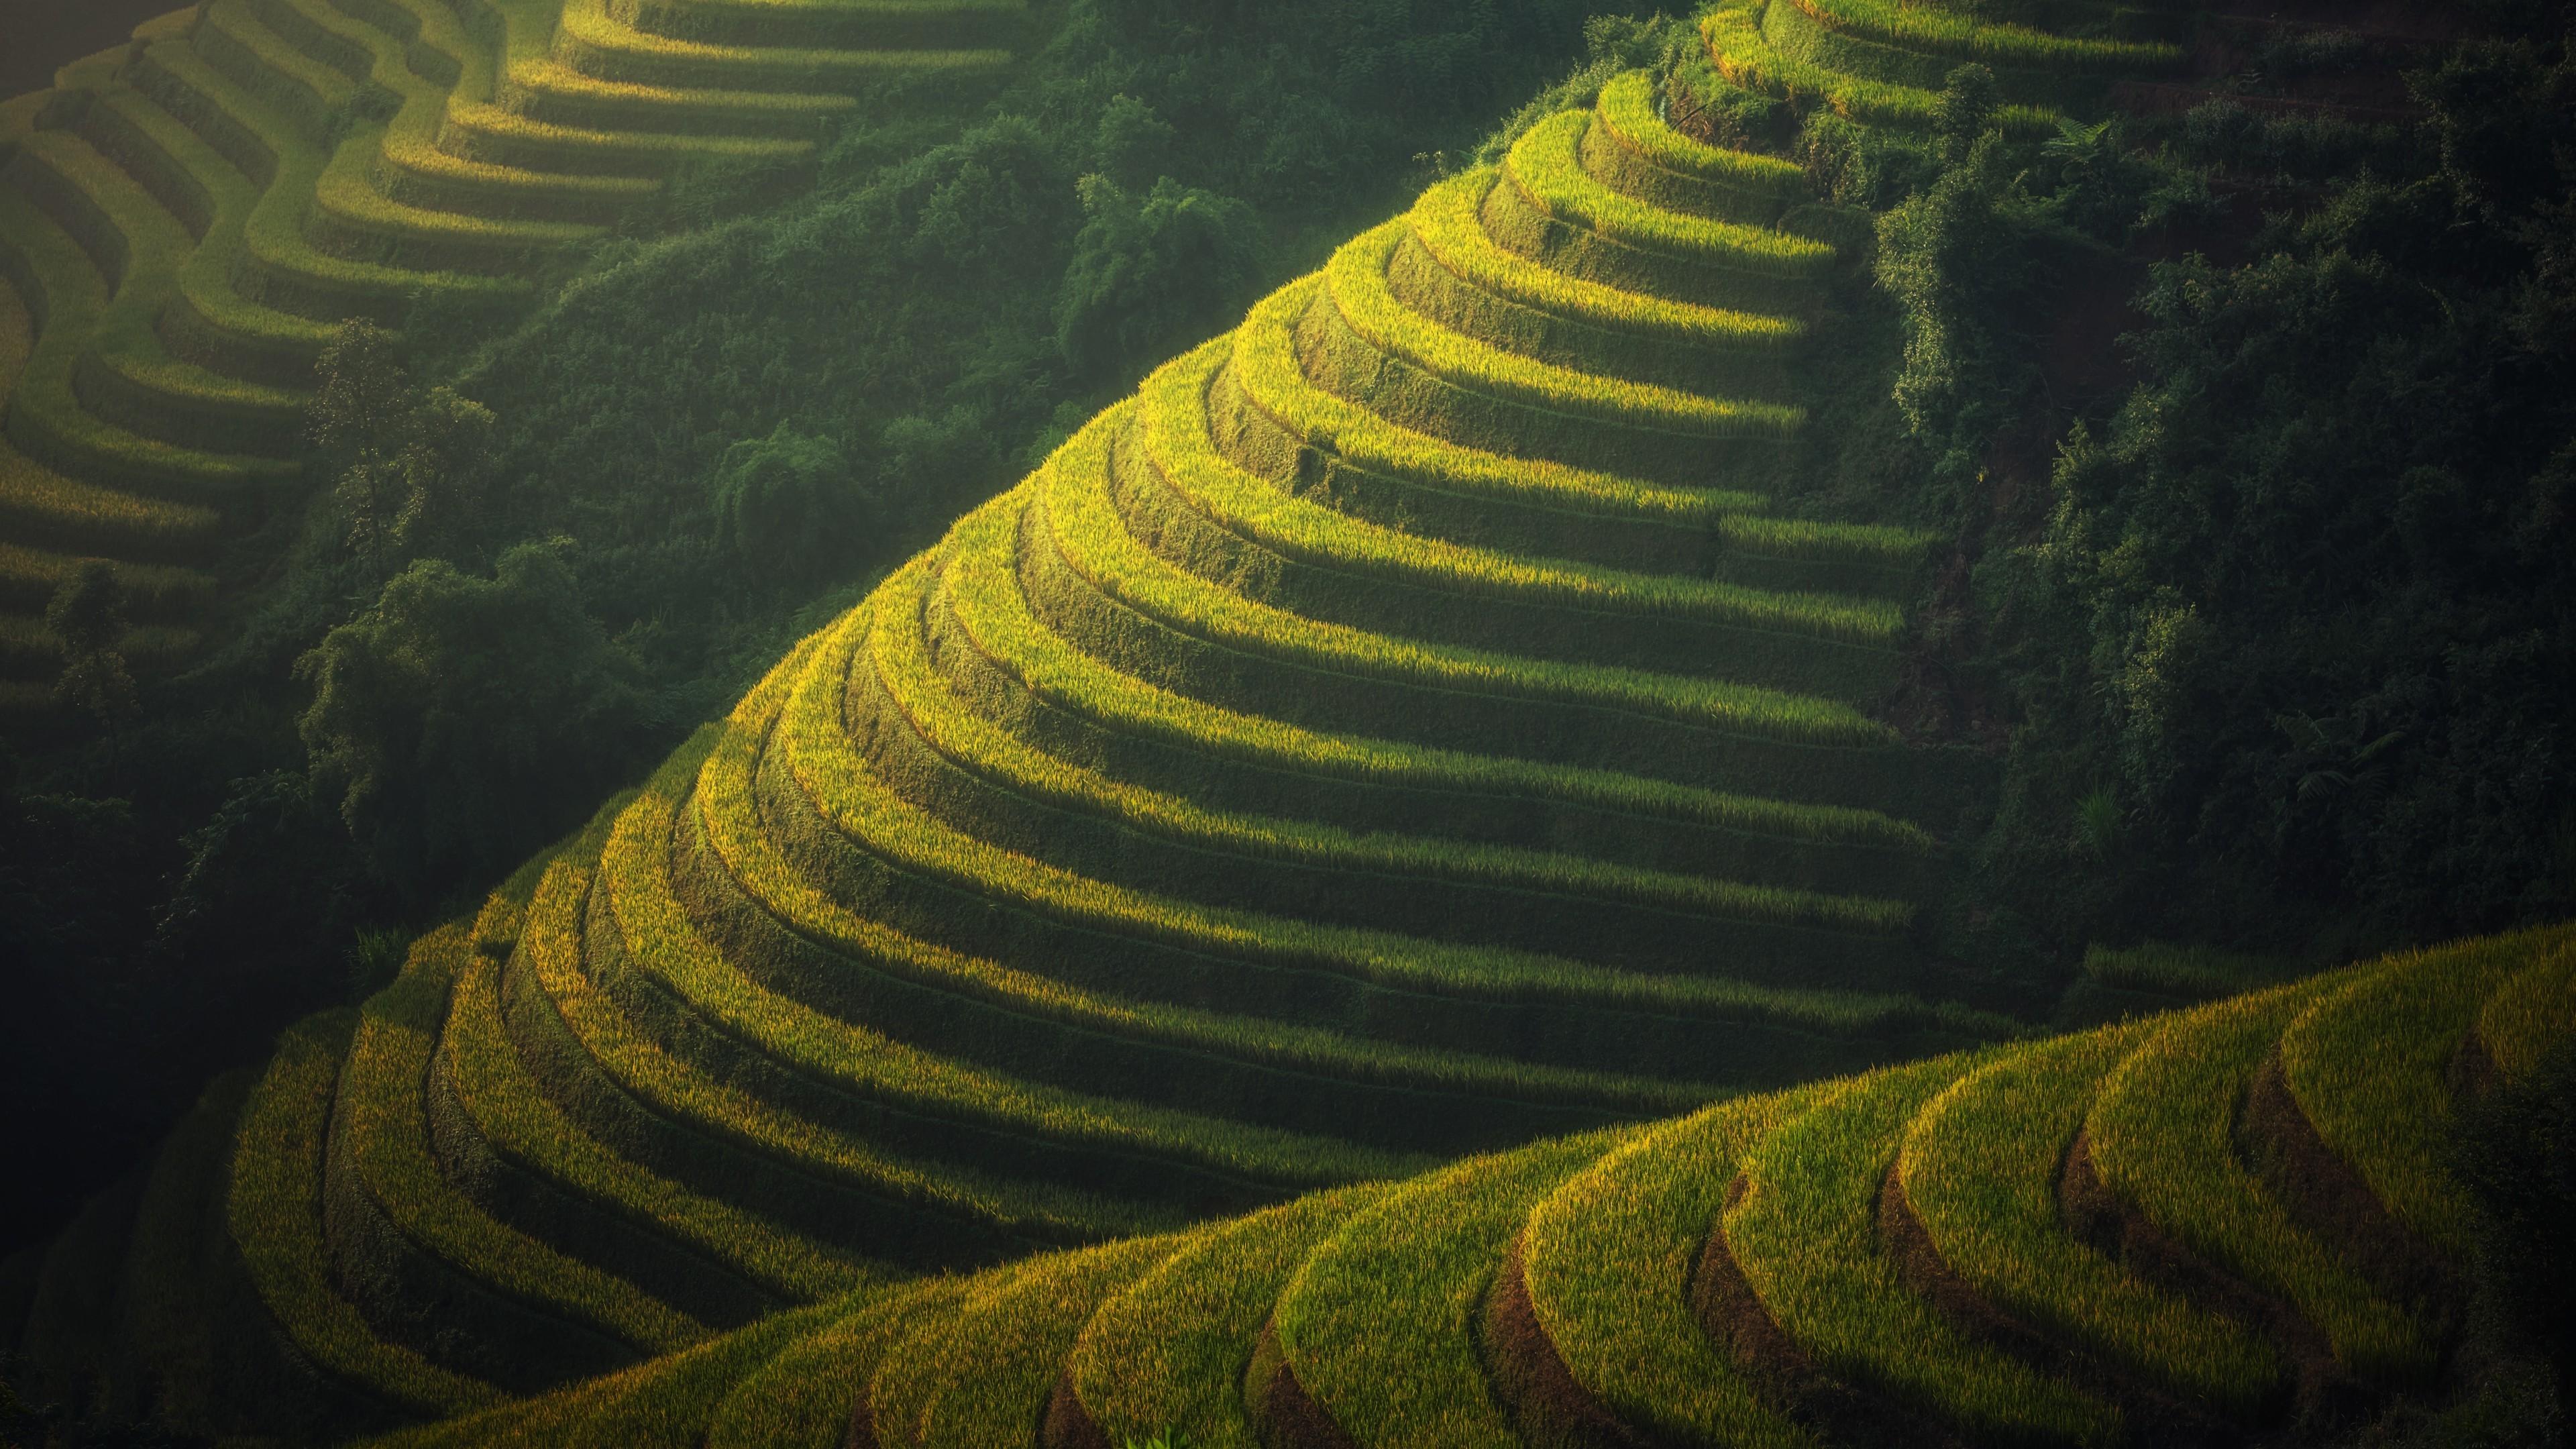 Res: 3840x2160, Nature / Farm Wallpaper